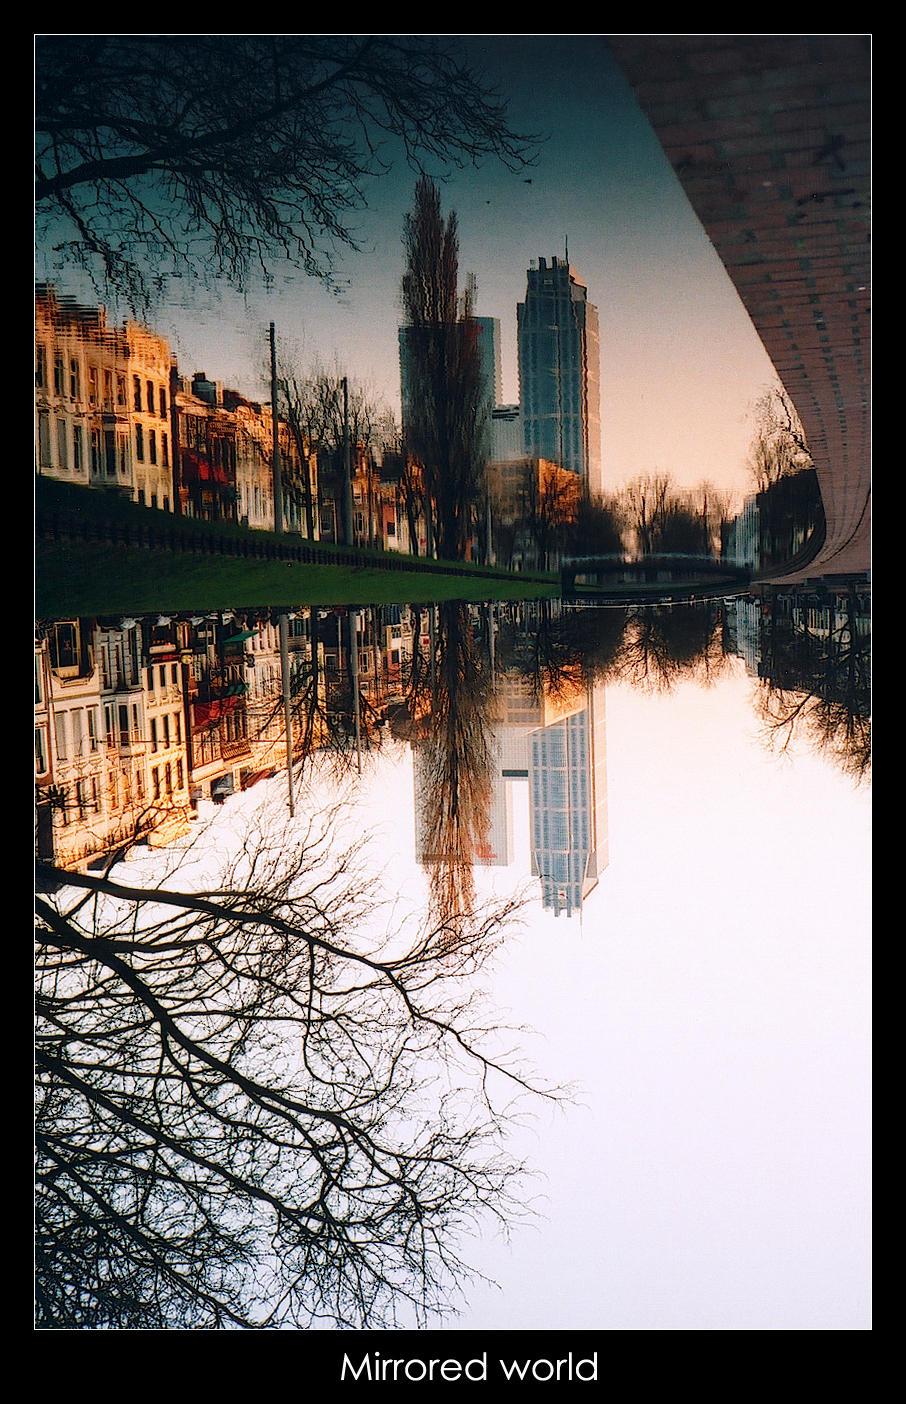 Mirrored world by ilium